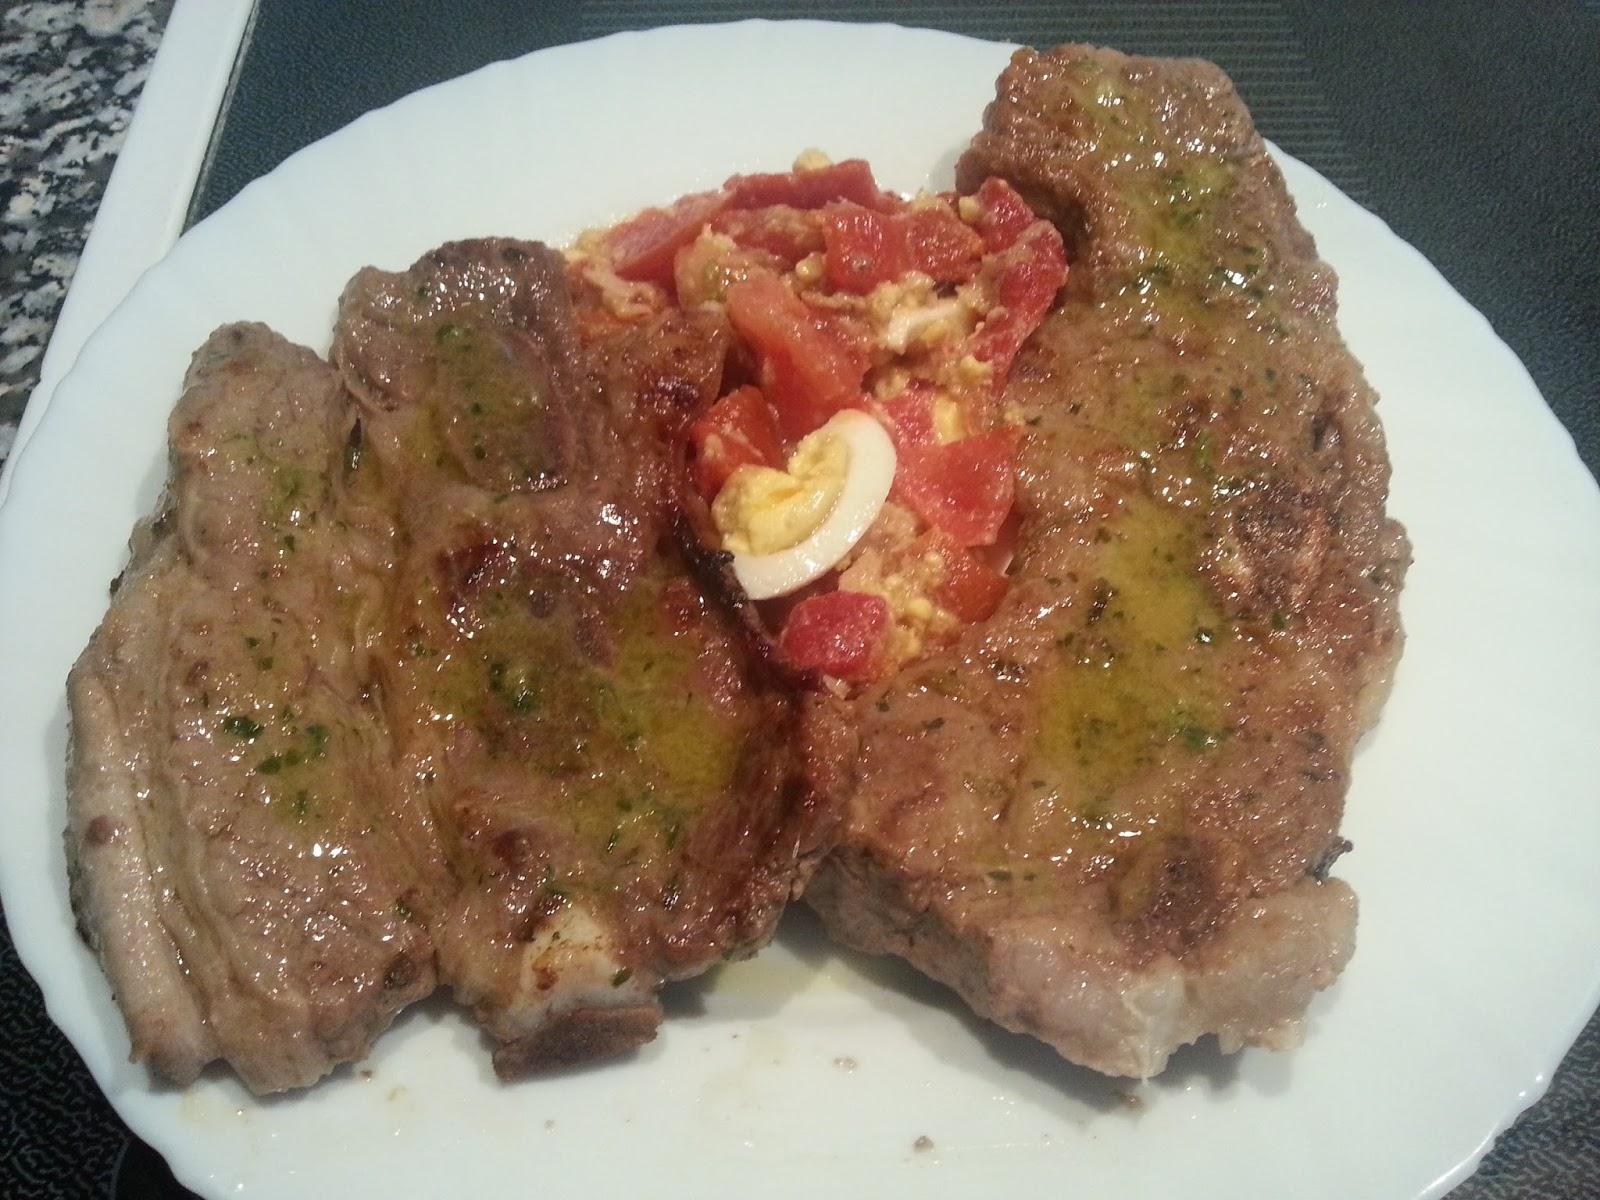 Recetas de toda la vida cocinar sencillo como me ense mi madre churrasco de ternera a la - Salsa para ternera a la plancha ...